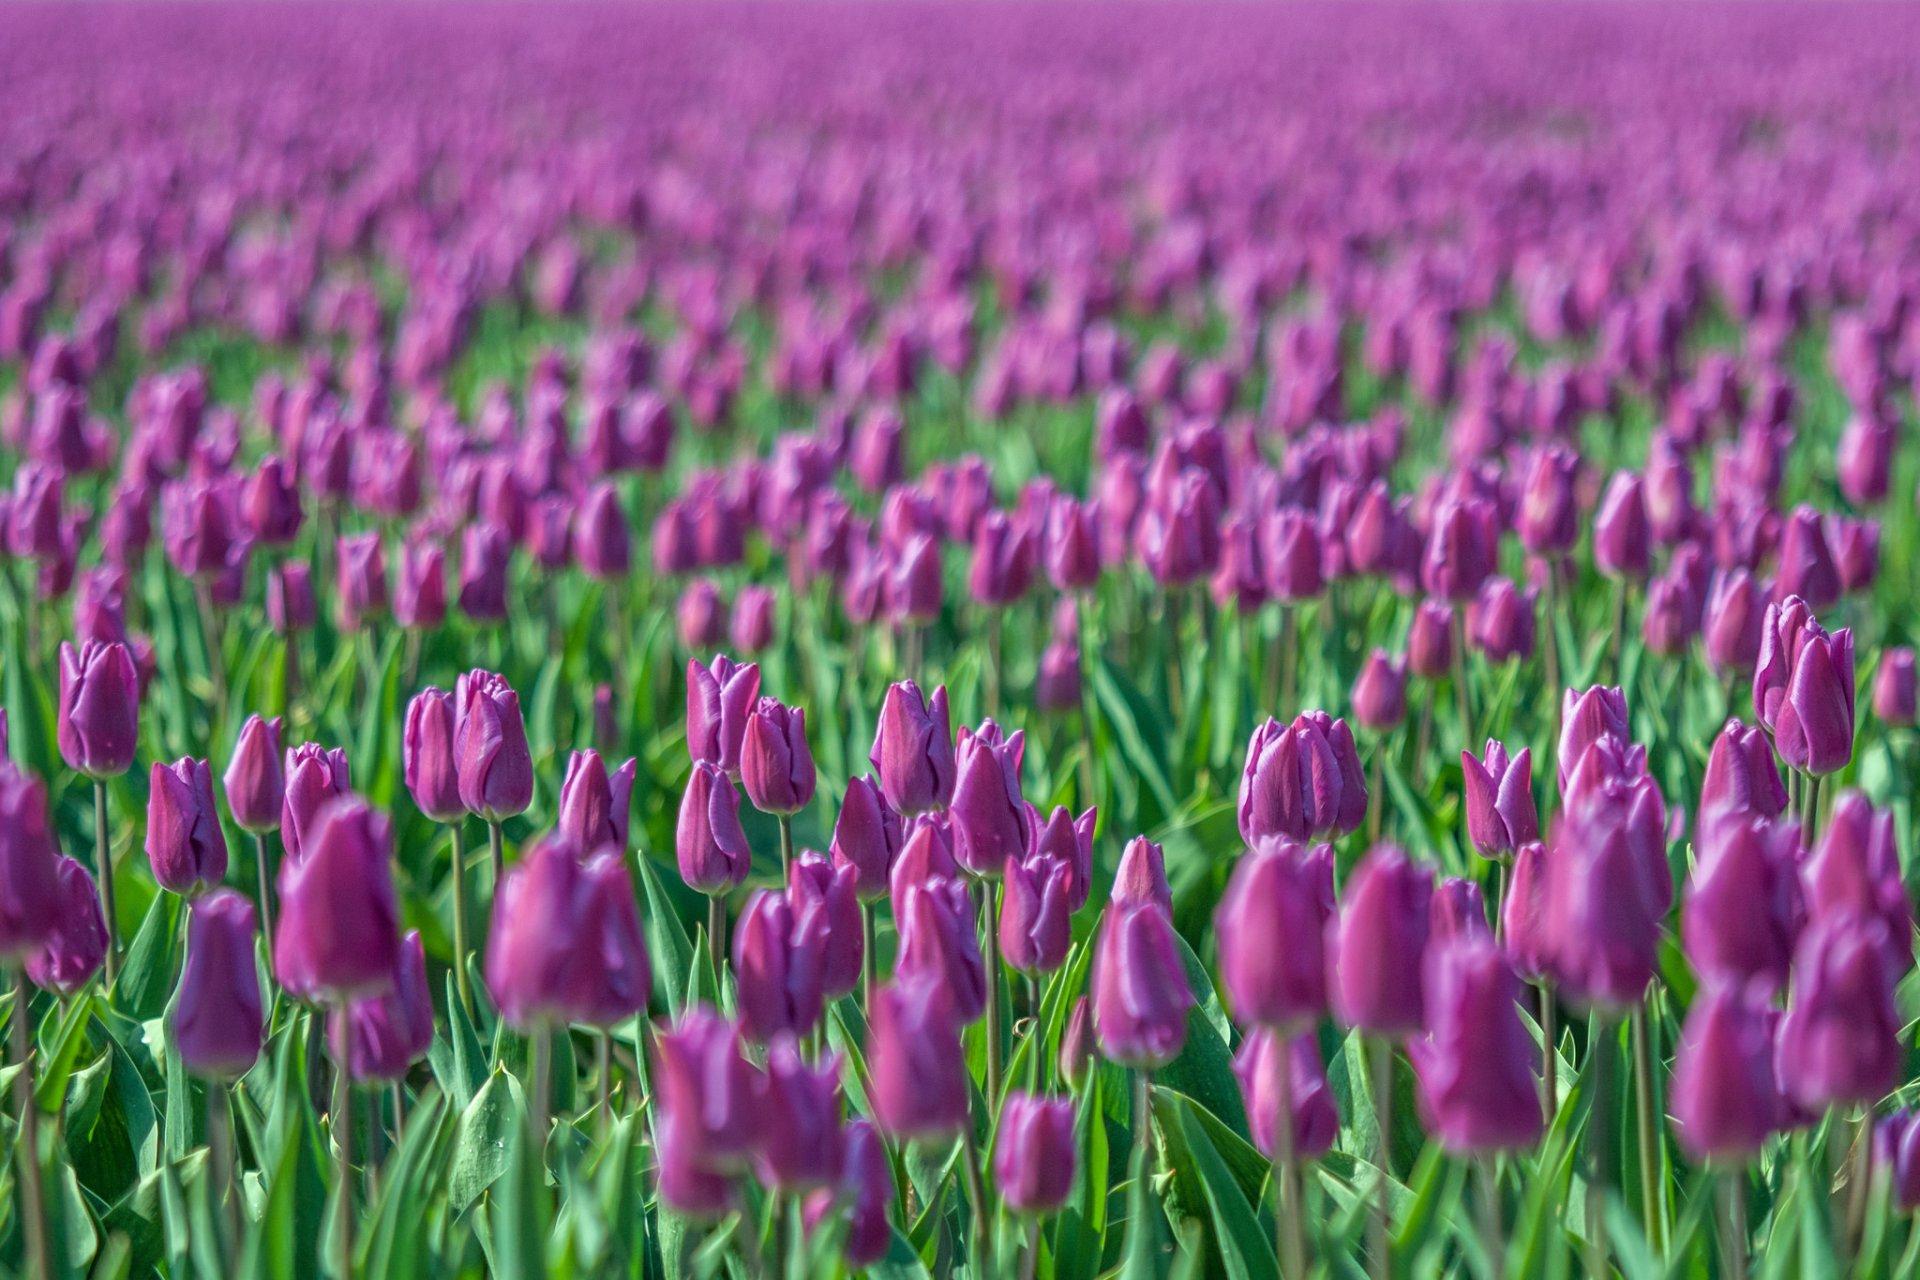 оставлять без картинки красивый цветущих на полях тюльпанов мечтали, что